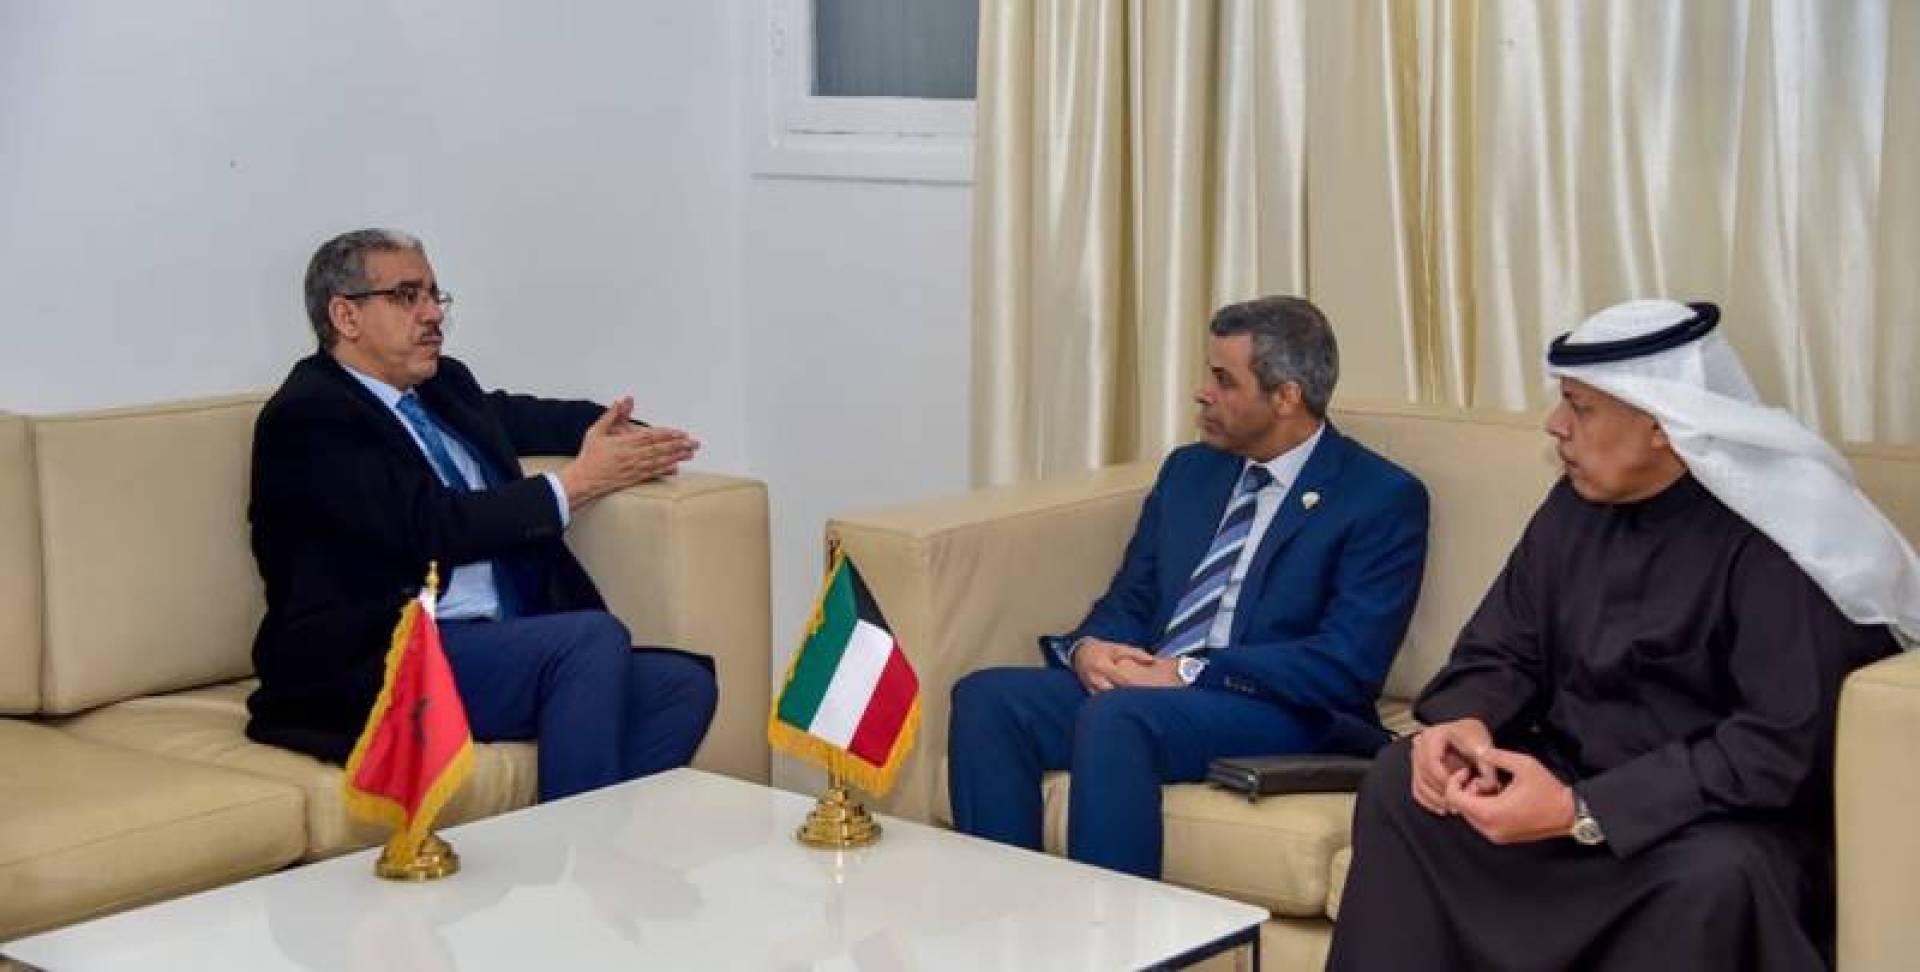 الفاضل بحث تعزيز التعاون النفطي مع المغرب